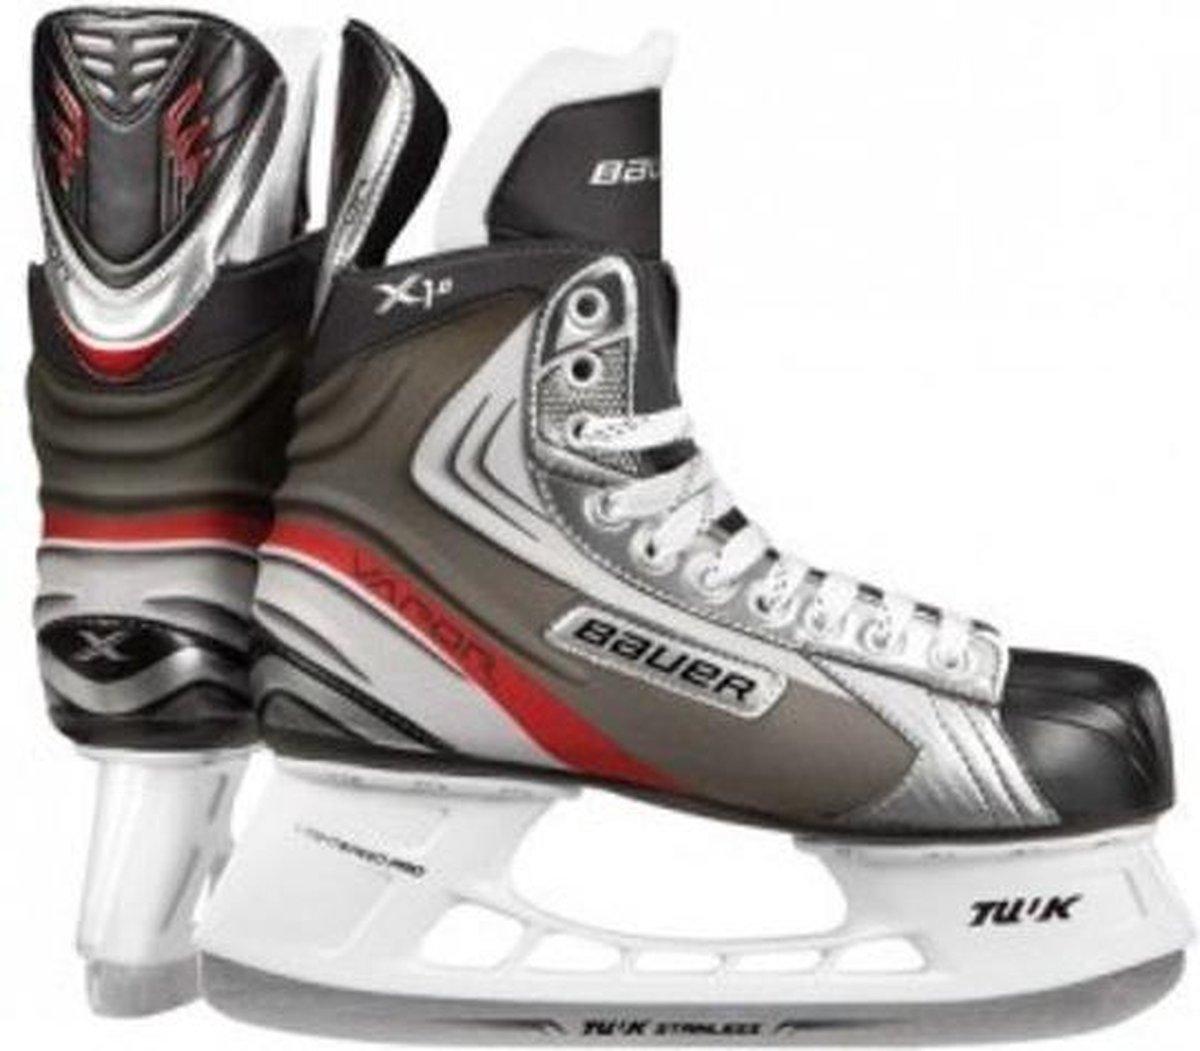 IJshockeyschaats Bauer Vapor X1.0 | Maat 47